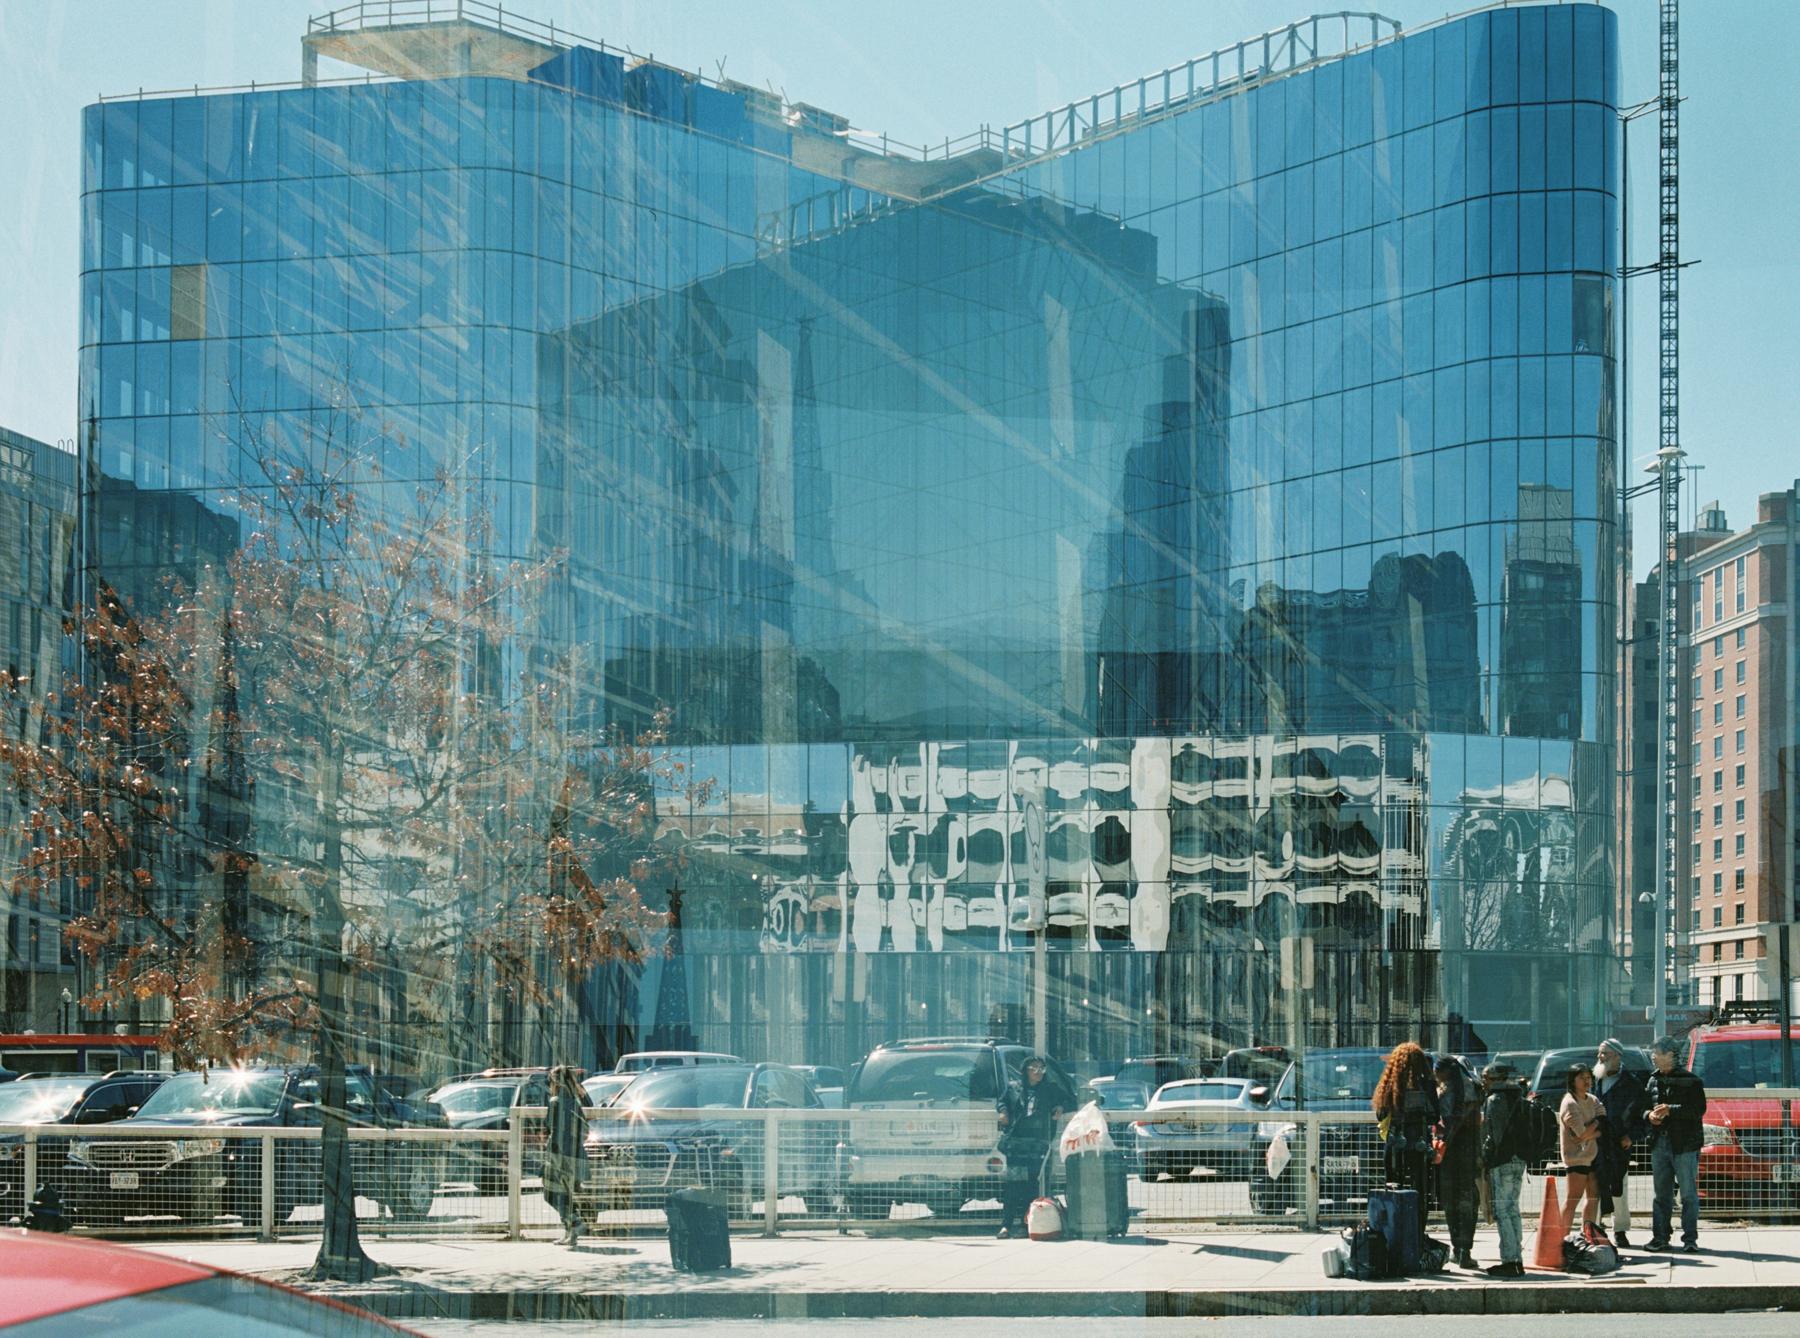 Bending Reality | Pentax 645n | Ektar 100 | Deborah Candeub